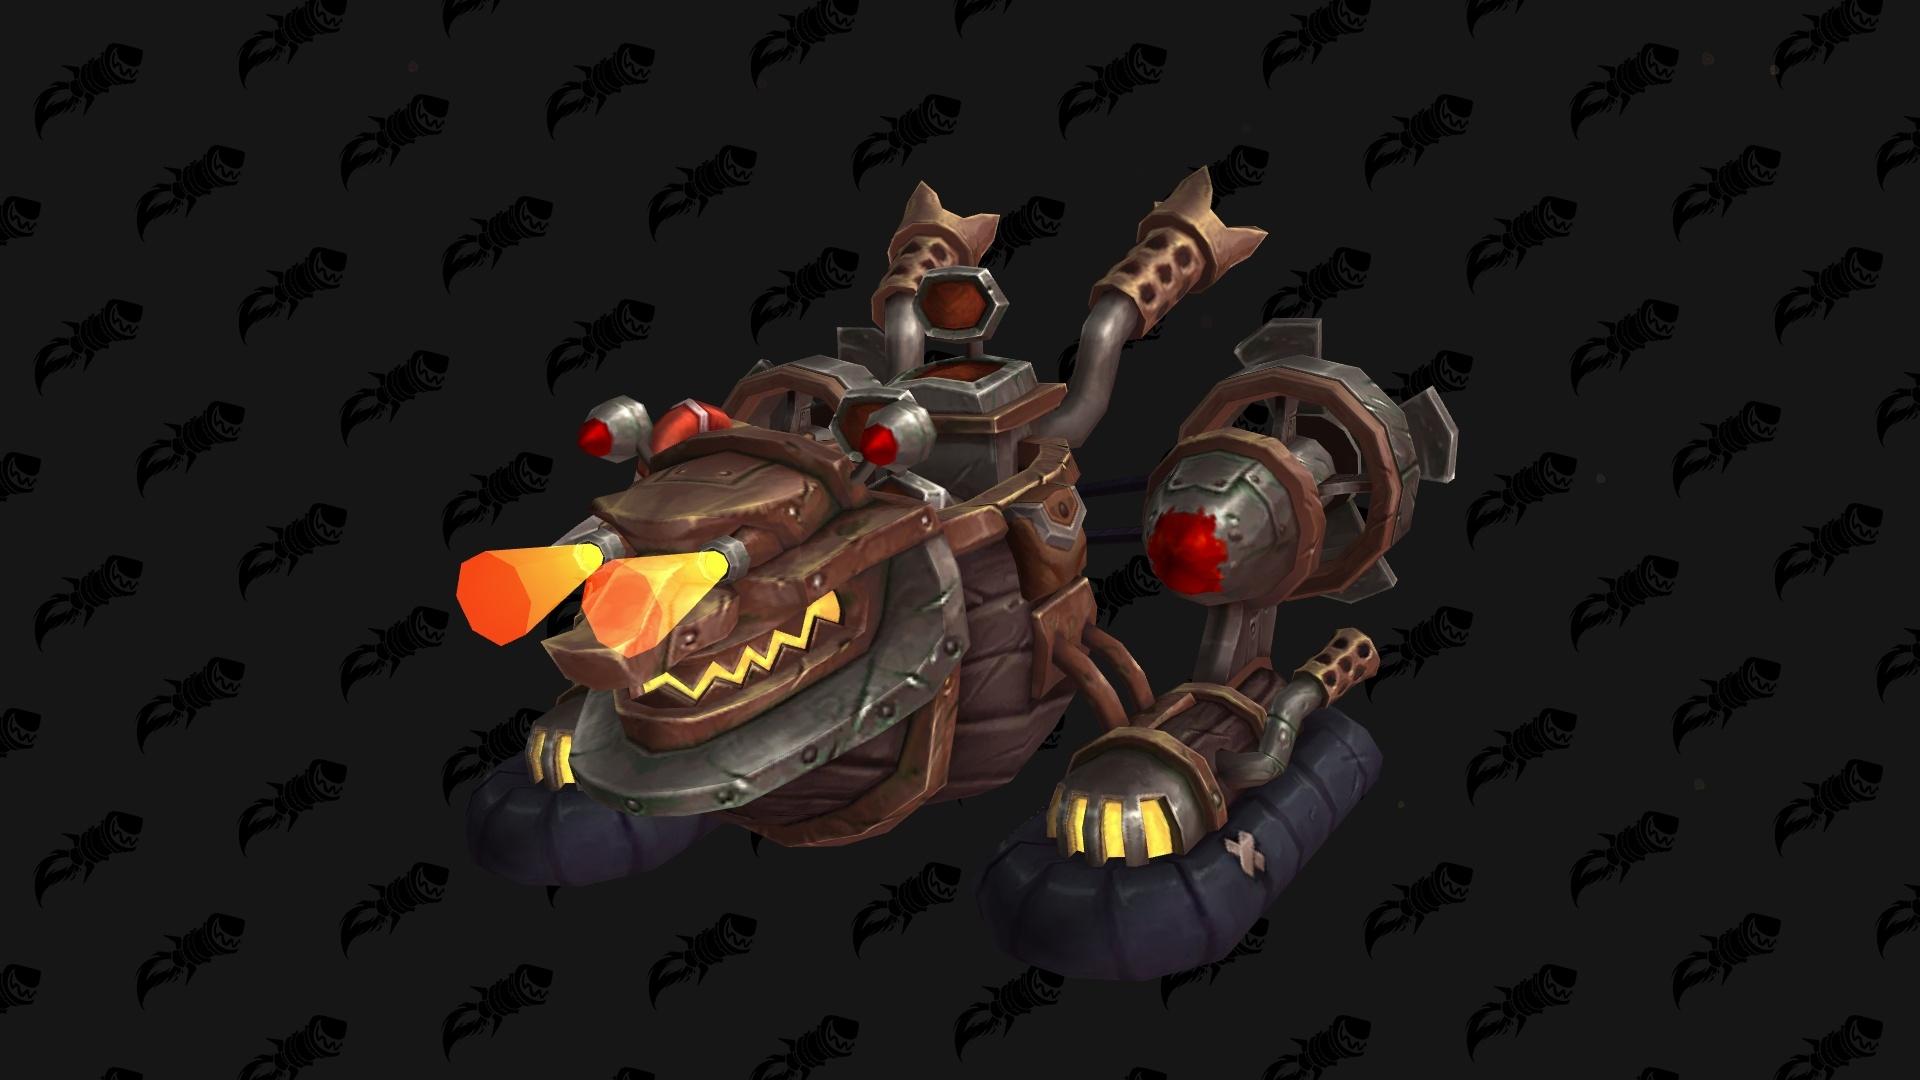 Bfa 25902 Montures World Of Warcraft Judgehype